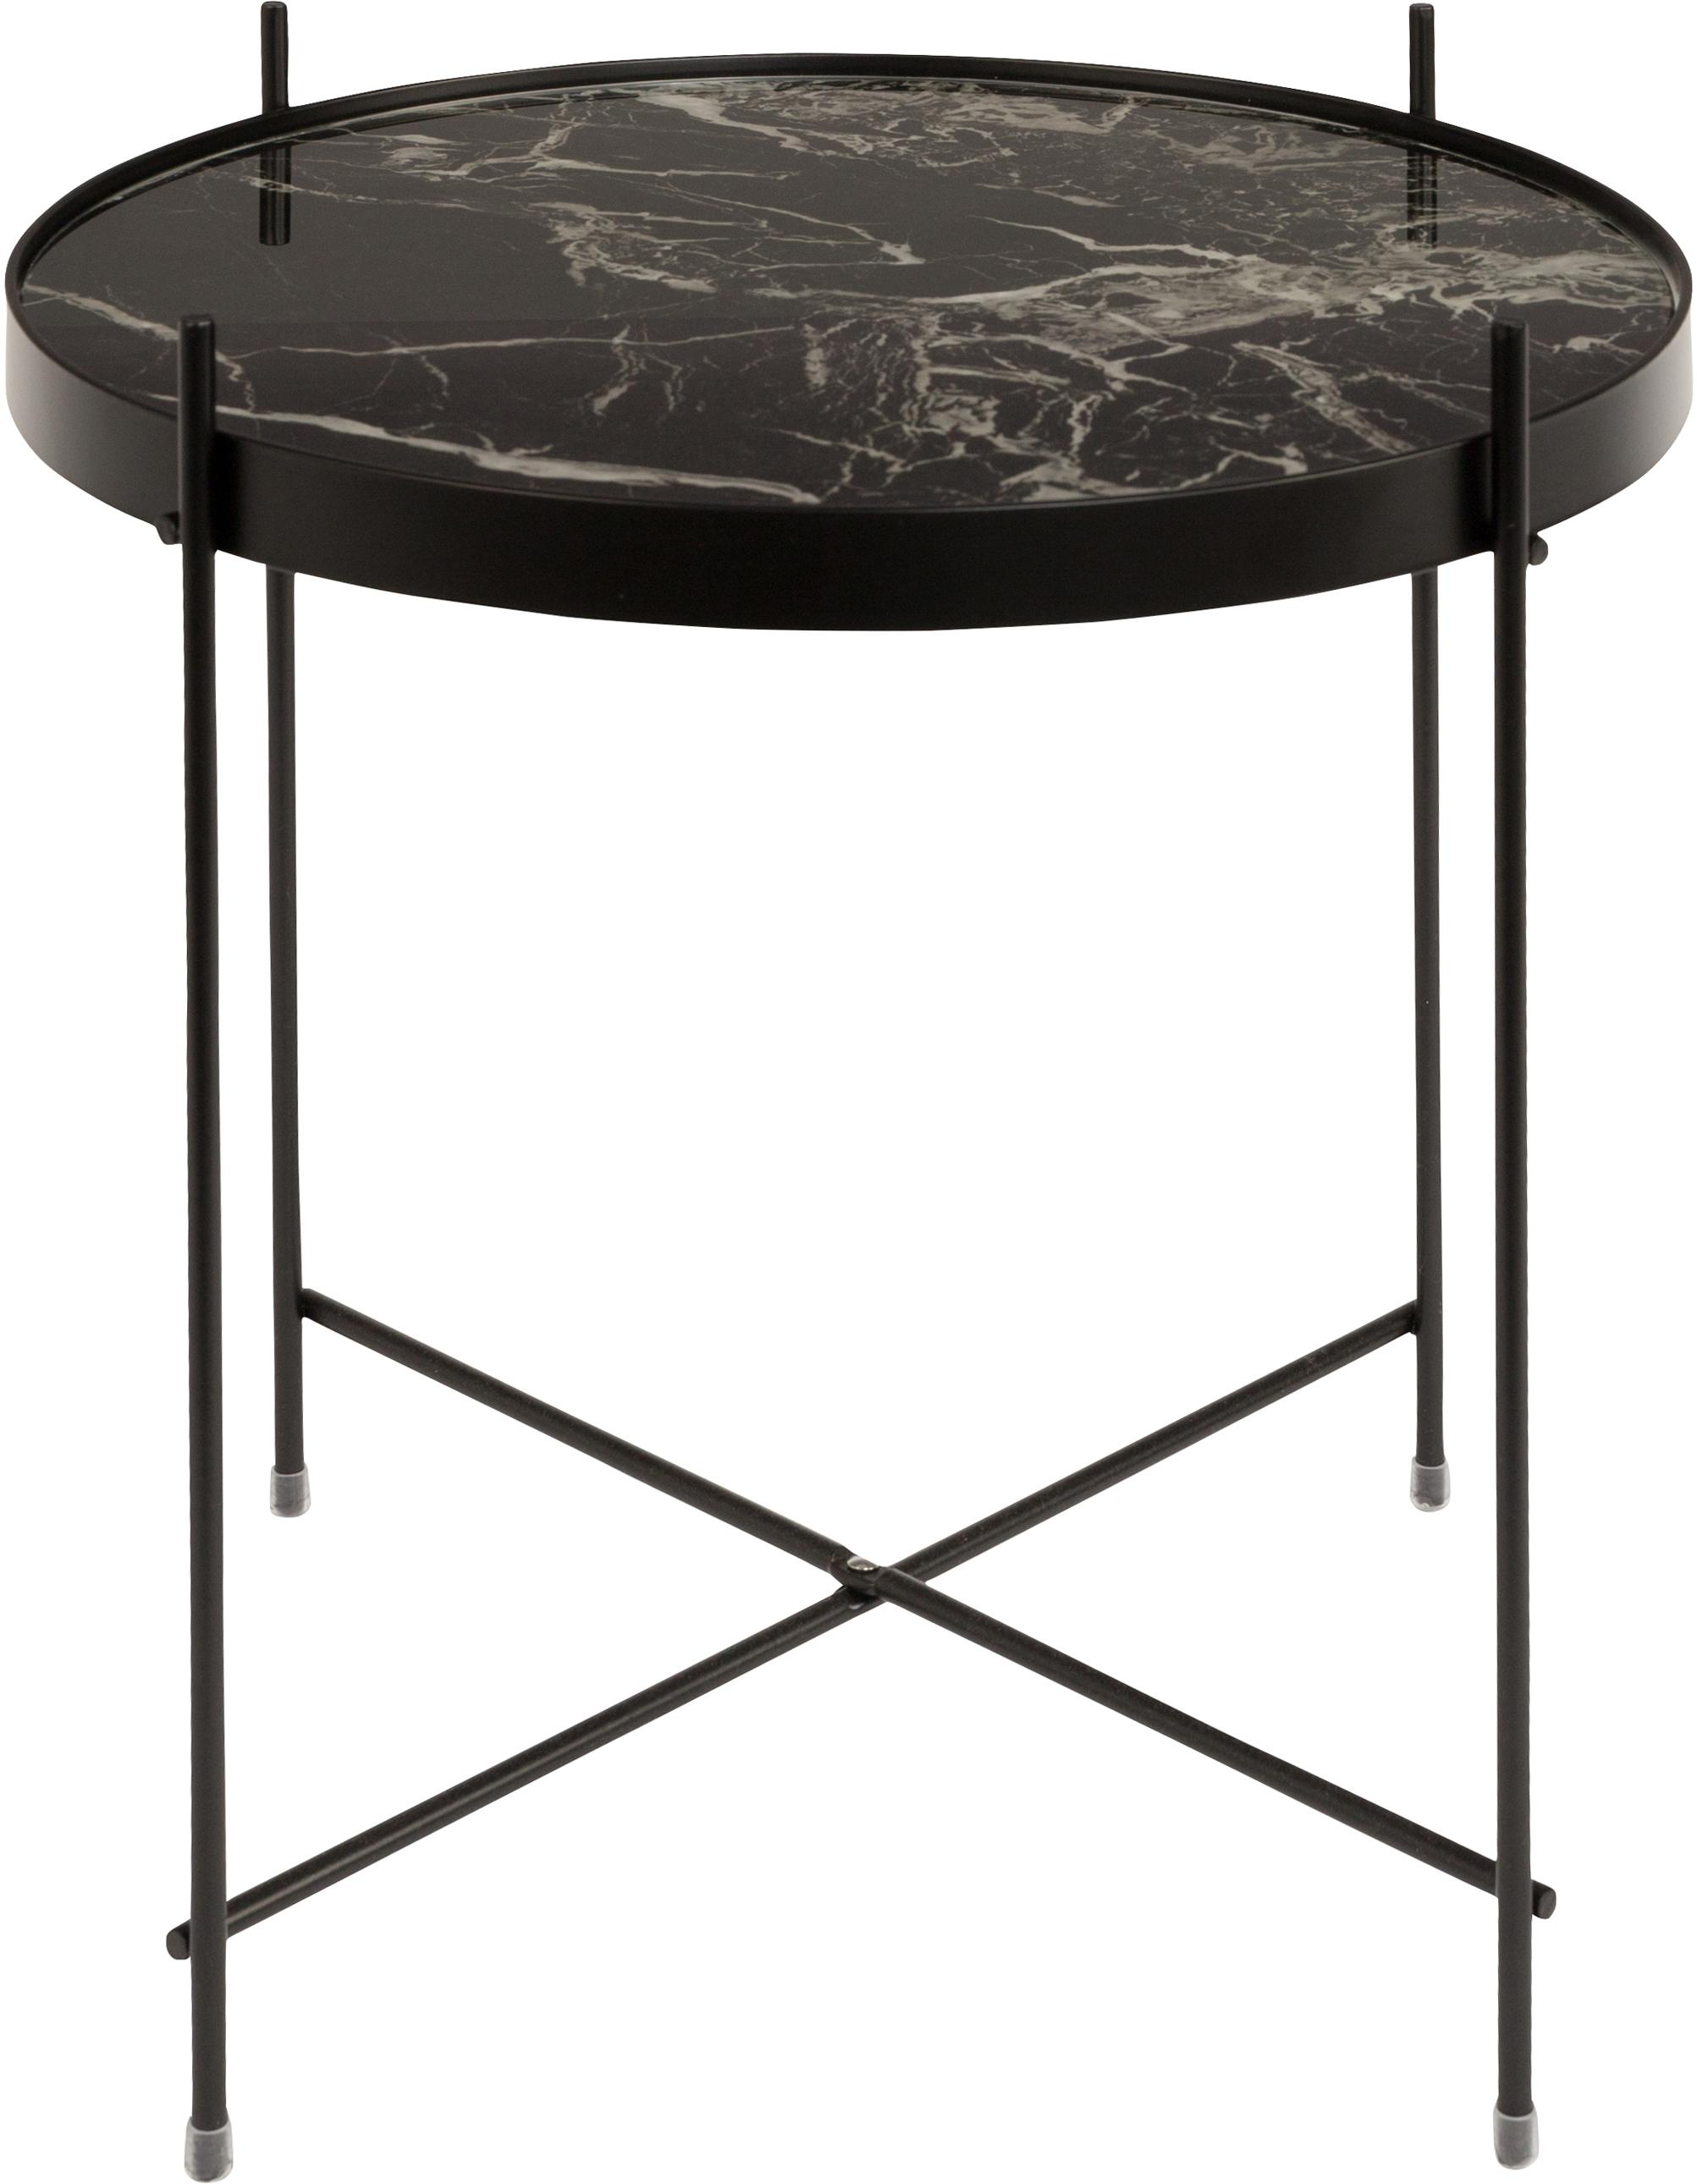 Mesa auxiliar con bandeja de cristal extraíble Cupid, Estructura: metal, pintura en polvo, Tablero: vidrio laminado con efect, Negro, Ø 43 x Al 45 cm